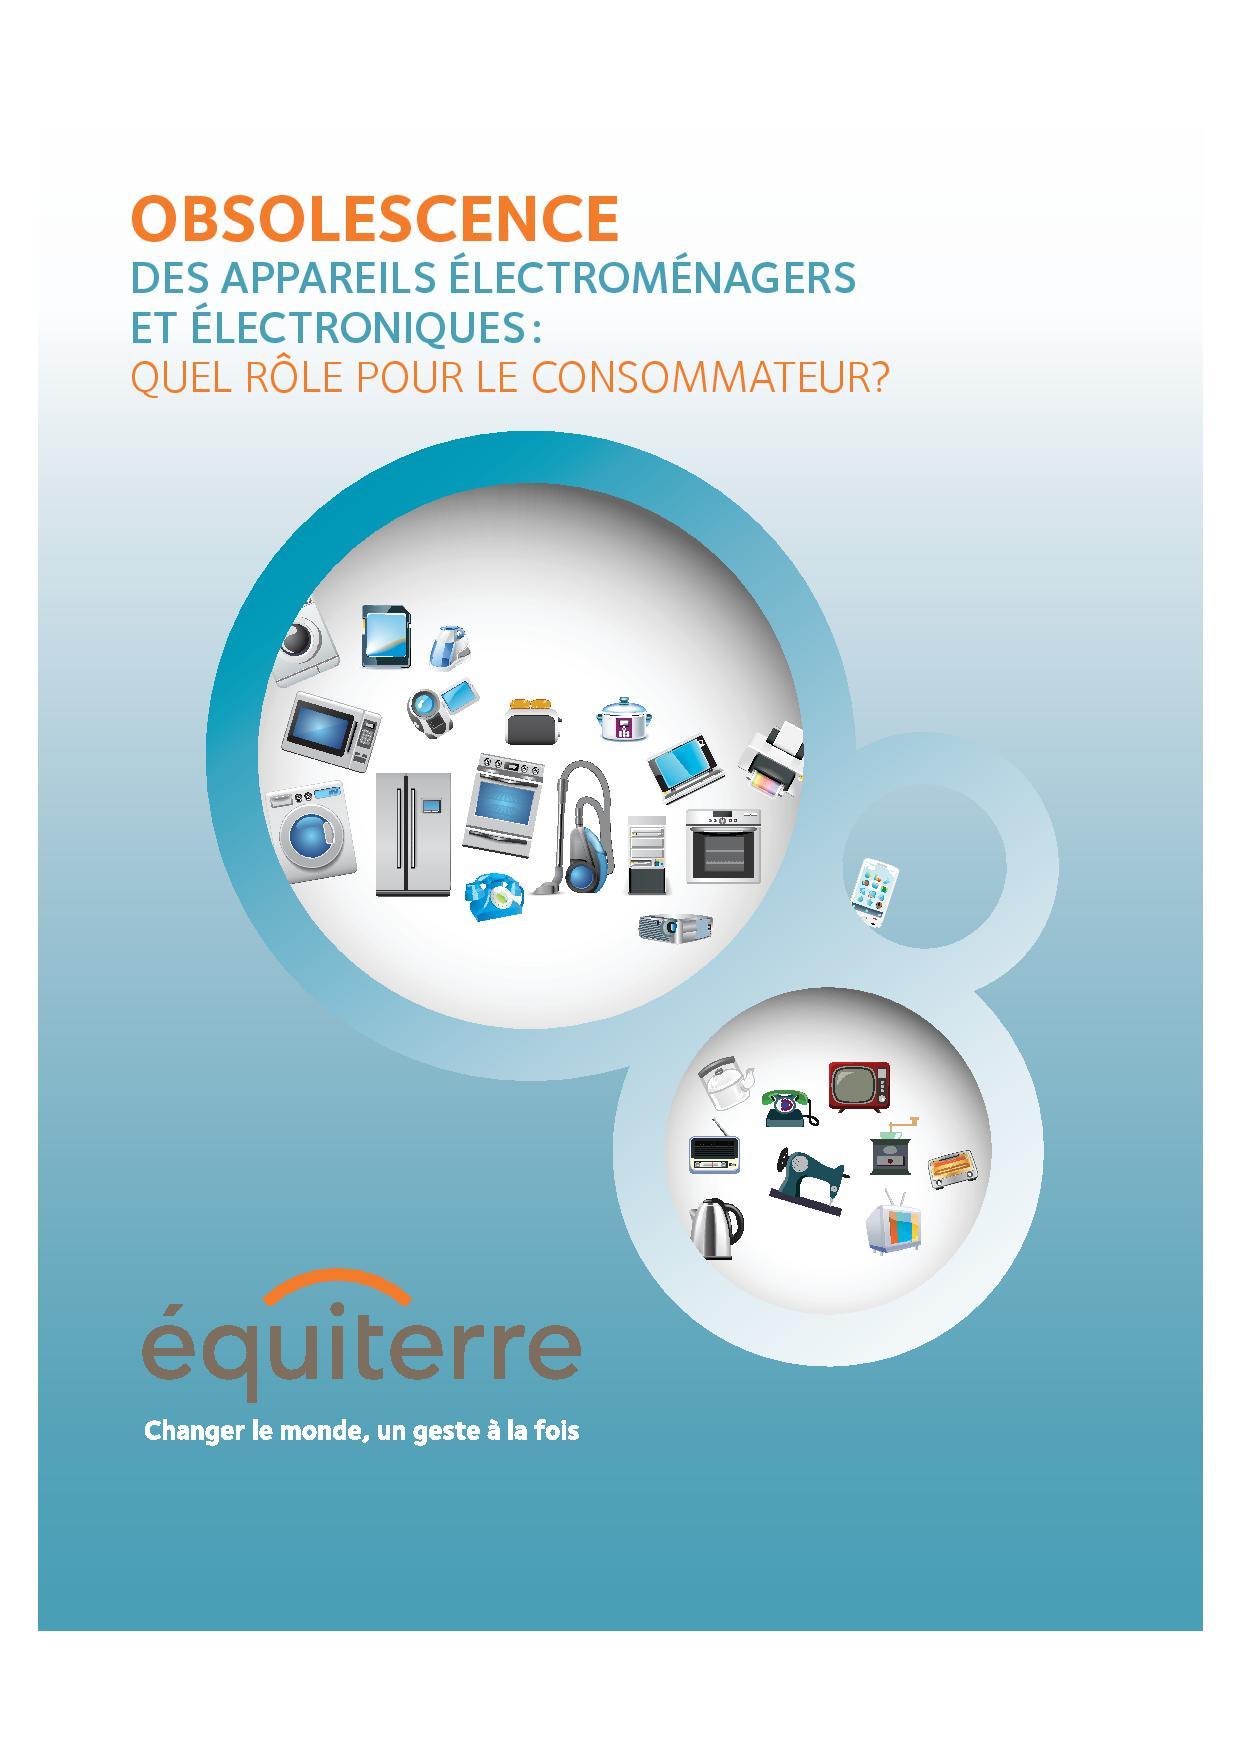 Obsolescence des appareils électroménagers et électroniques: quel rôle pour le consommateur?